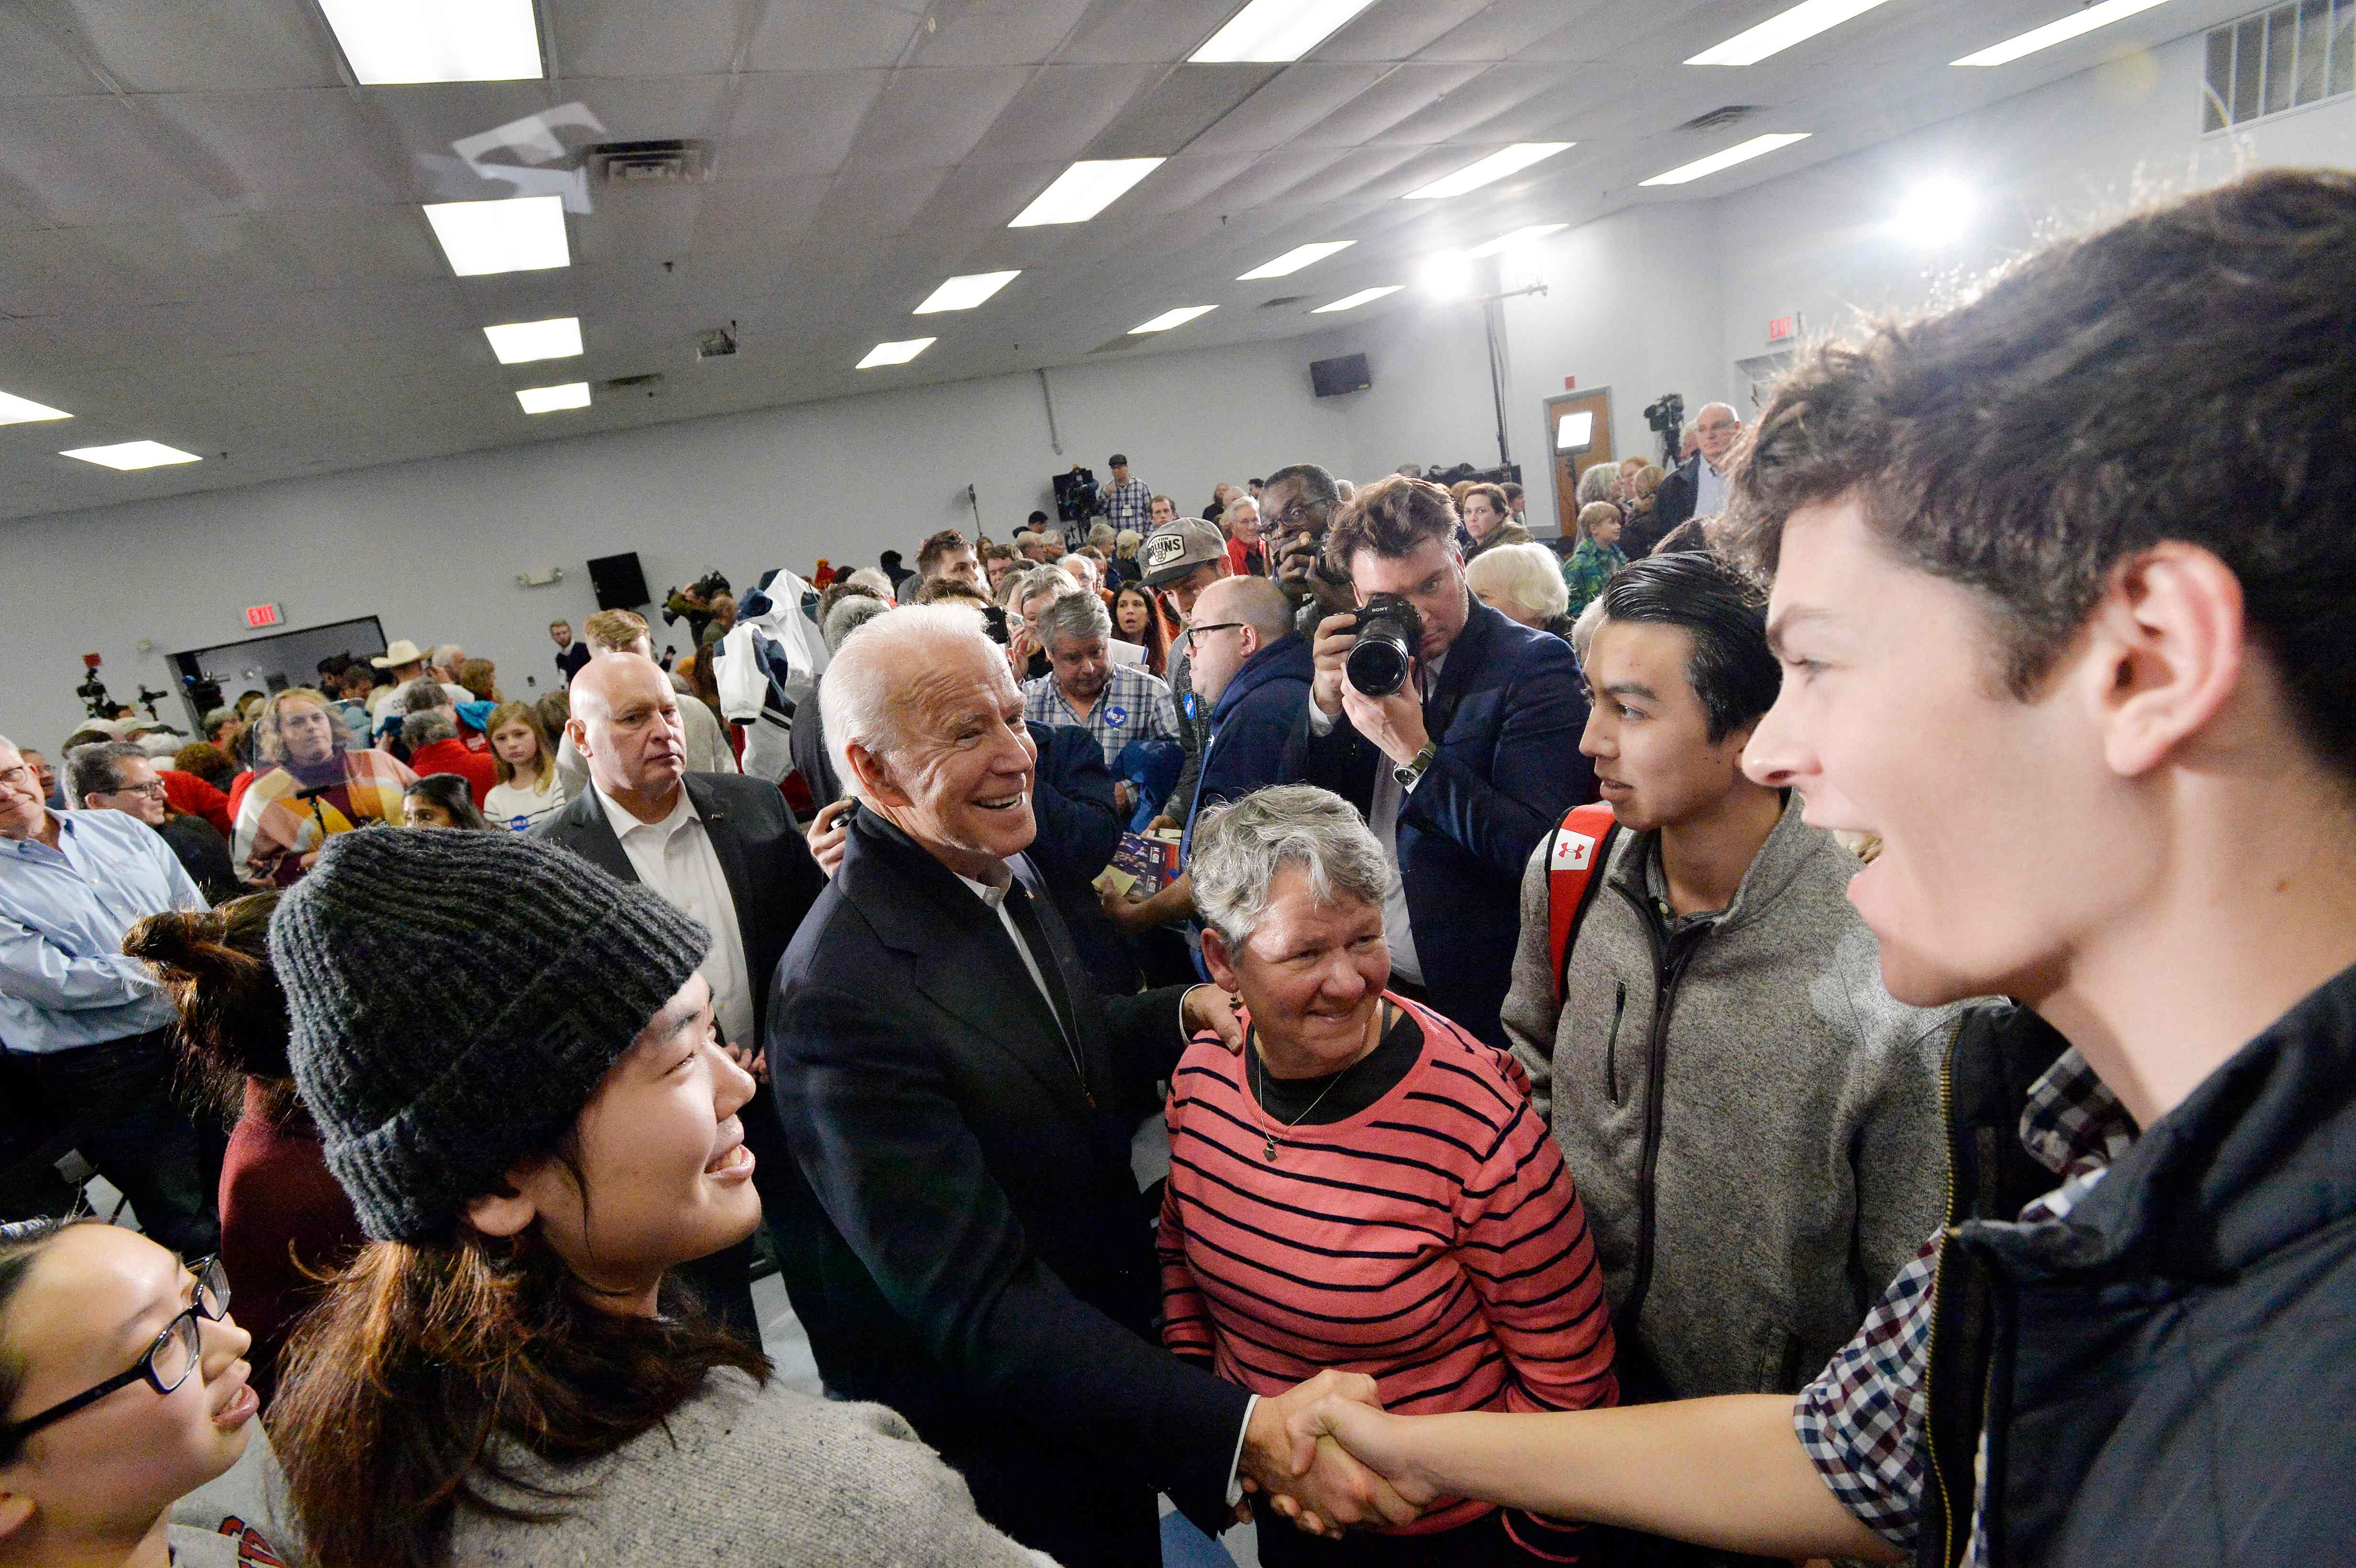 """بعد الفوضى في نتائج انتخابات """"آيوا""""، ادّعى غير مرشح ديمقراطي من بينهم جون بايدن، أنه الفائز، ما عمق الخلافات الحزبية"""